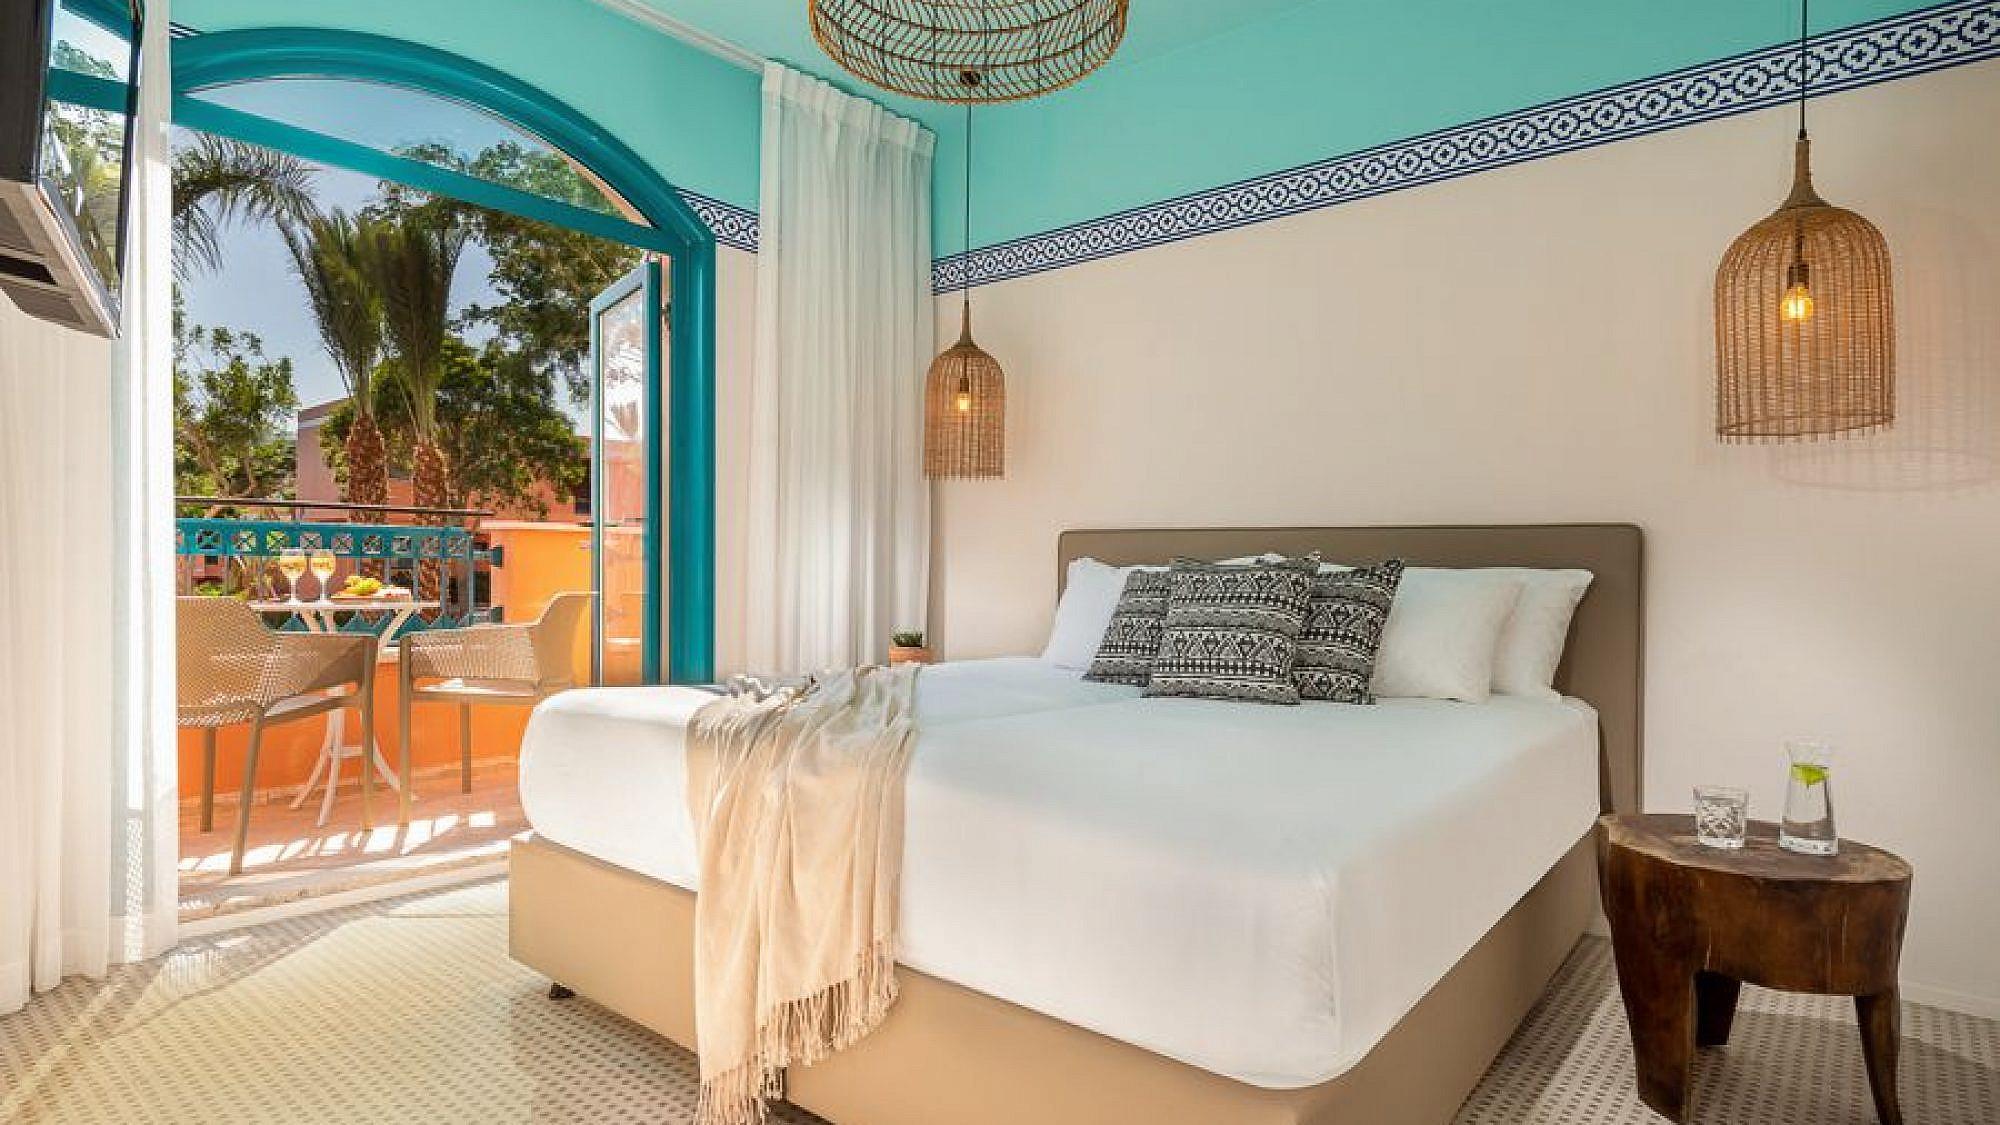 מלון יו ספלאש ריזורט אילת | צילום: באדיבות רשת מלונות פתאל